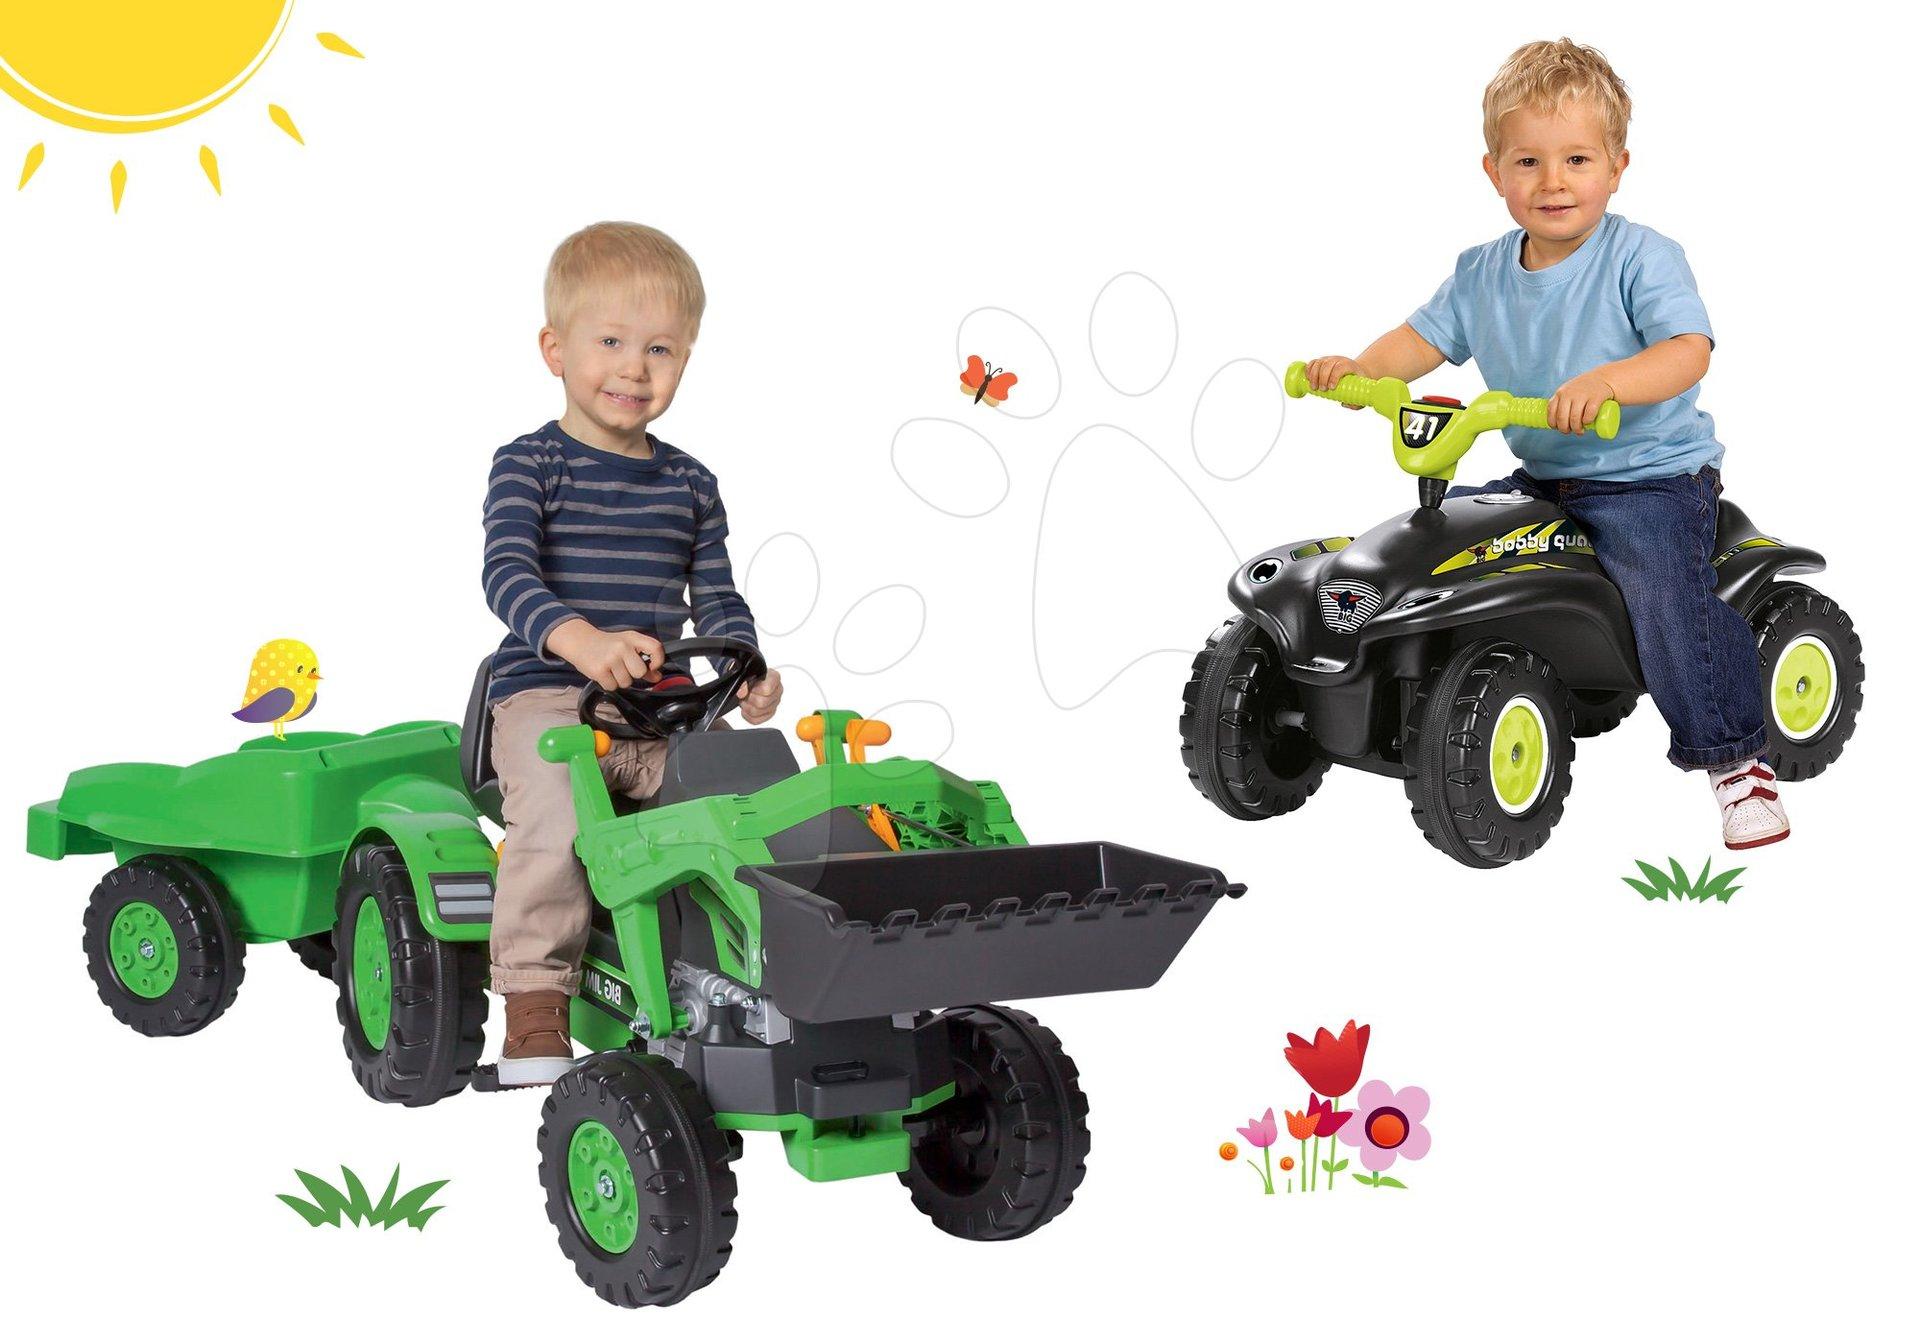 Set šľapací traktor Jim Loader BIG s nakladačom a prívesom a odrážadlo štvorkolka Quad s klaksónom